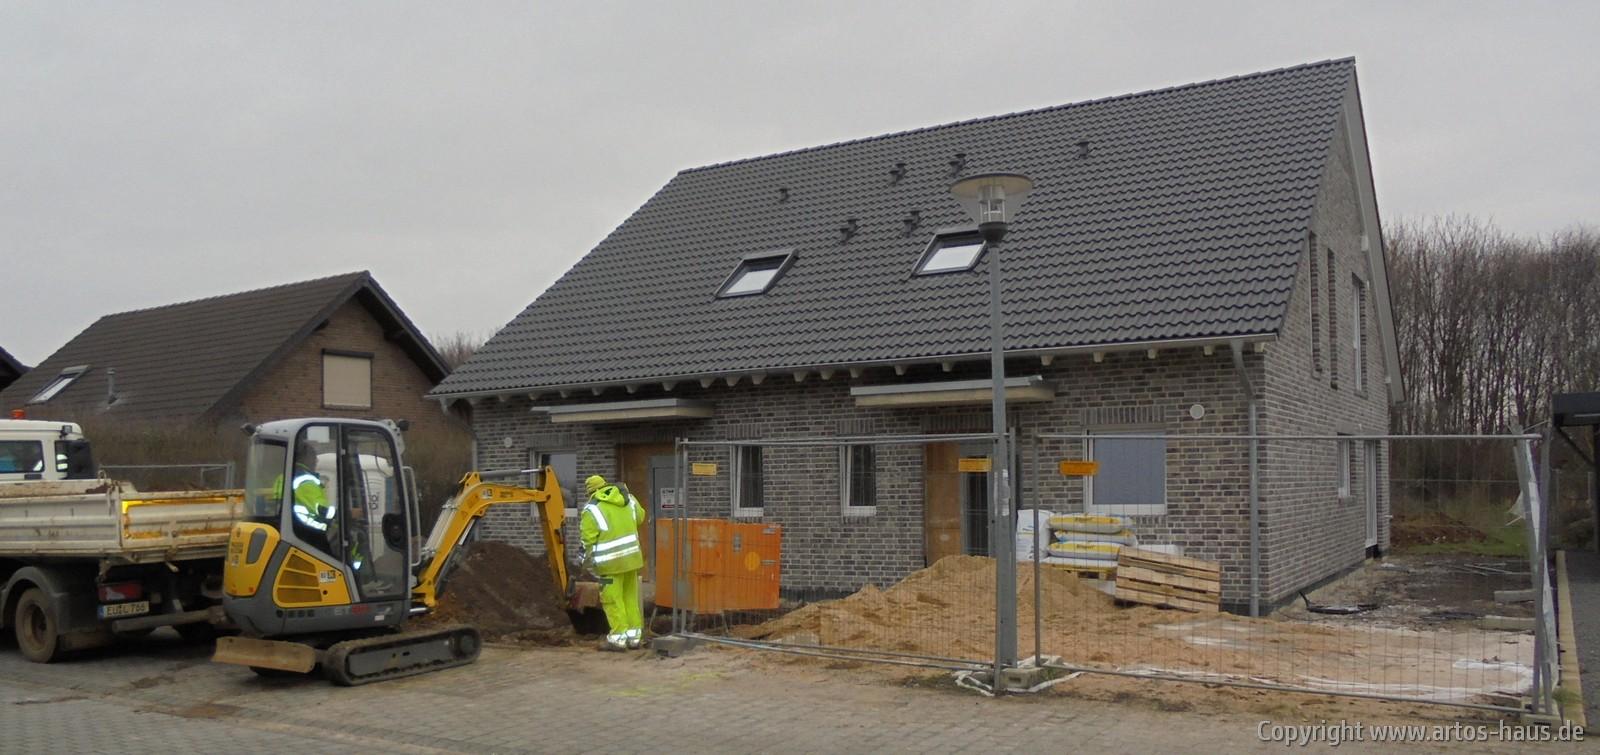 BV Euskirchen, Artos-Haus 2019 - 31